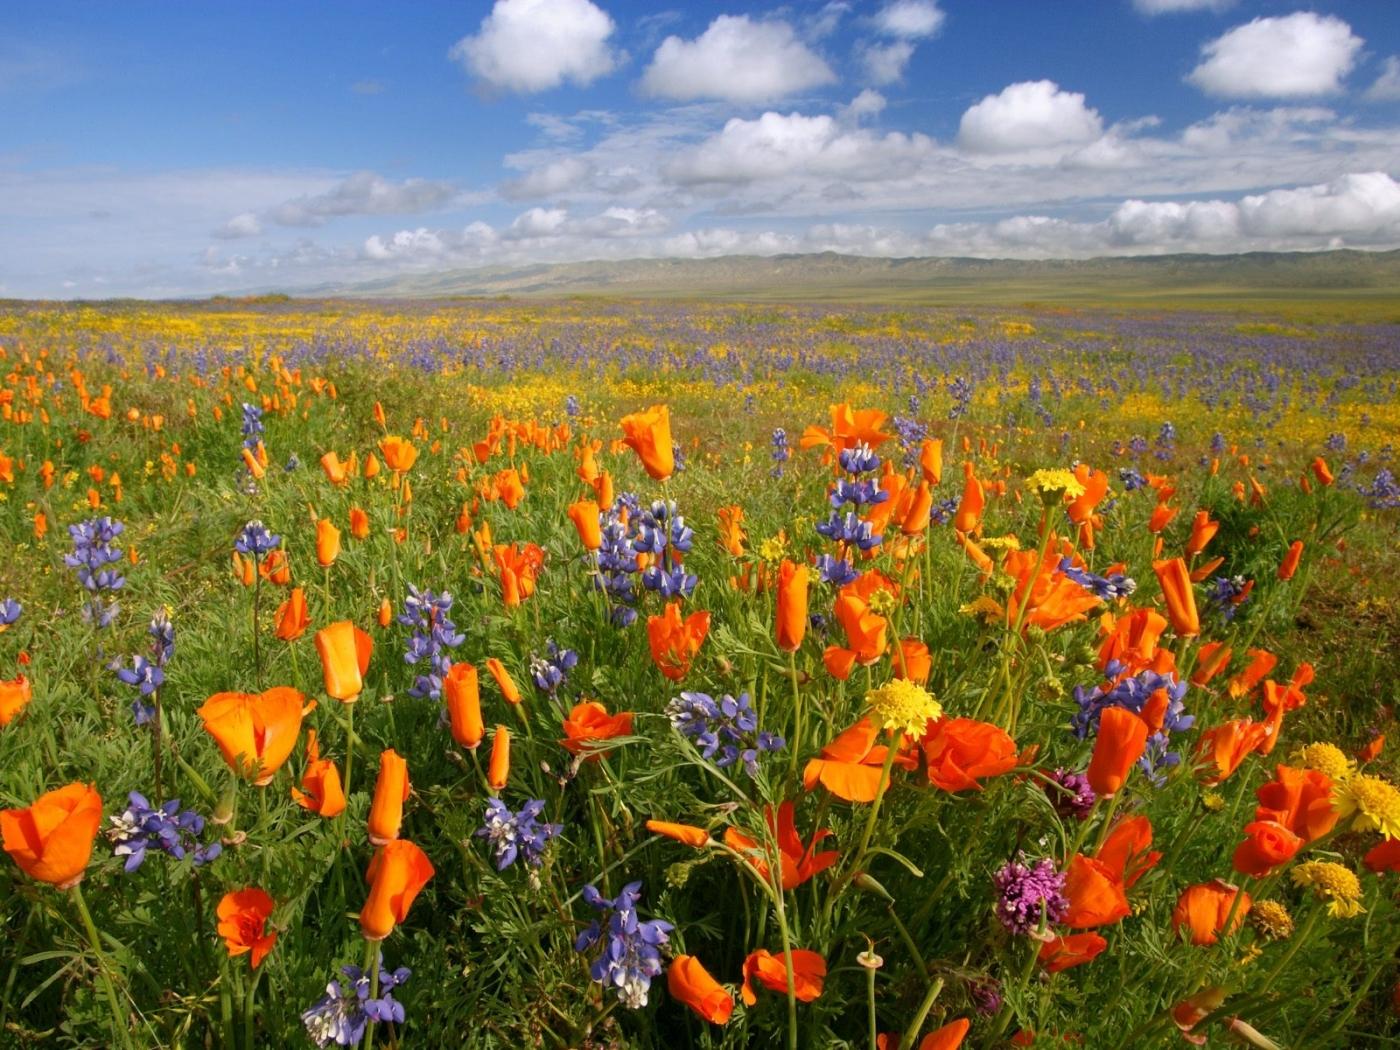 Скачать картинку Растения, Природа, Цветы, Пейзаж в телефон бесплатно.